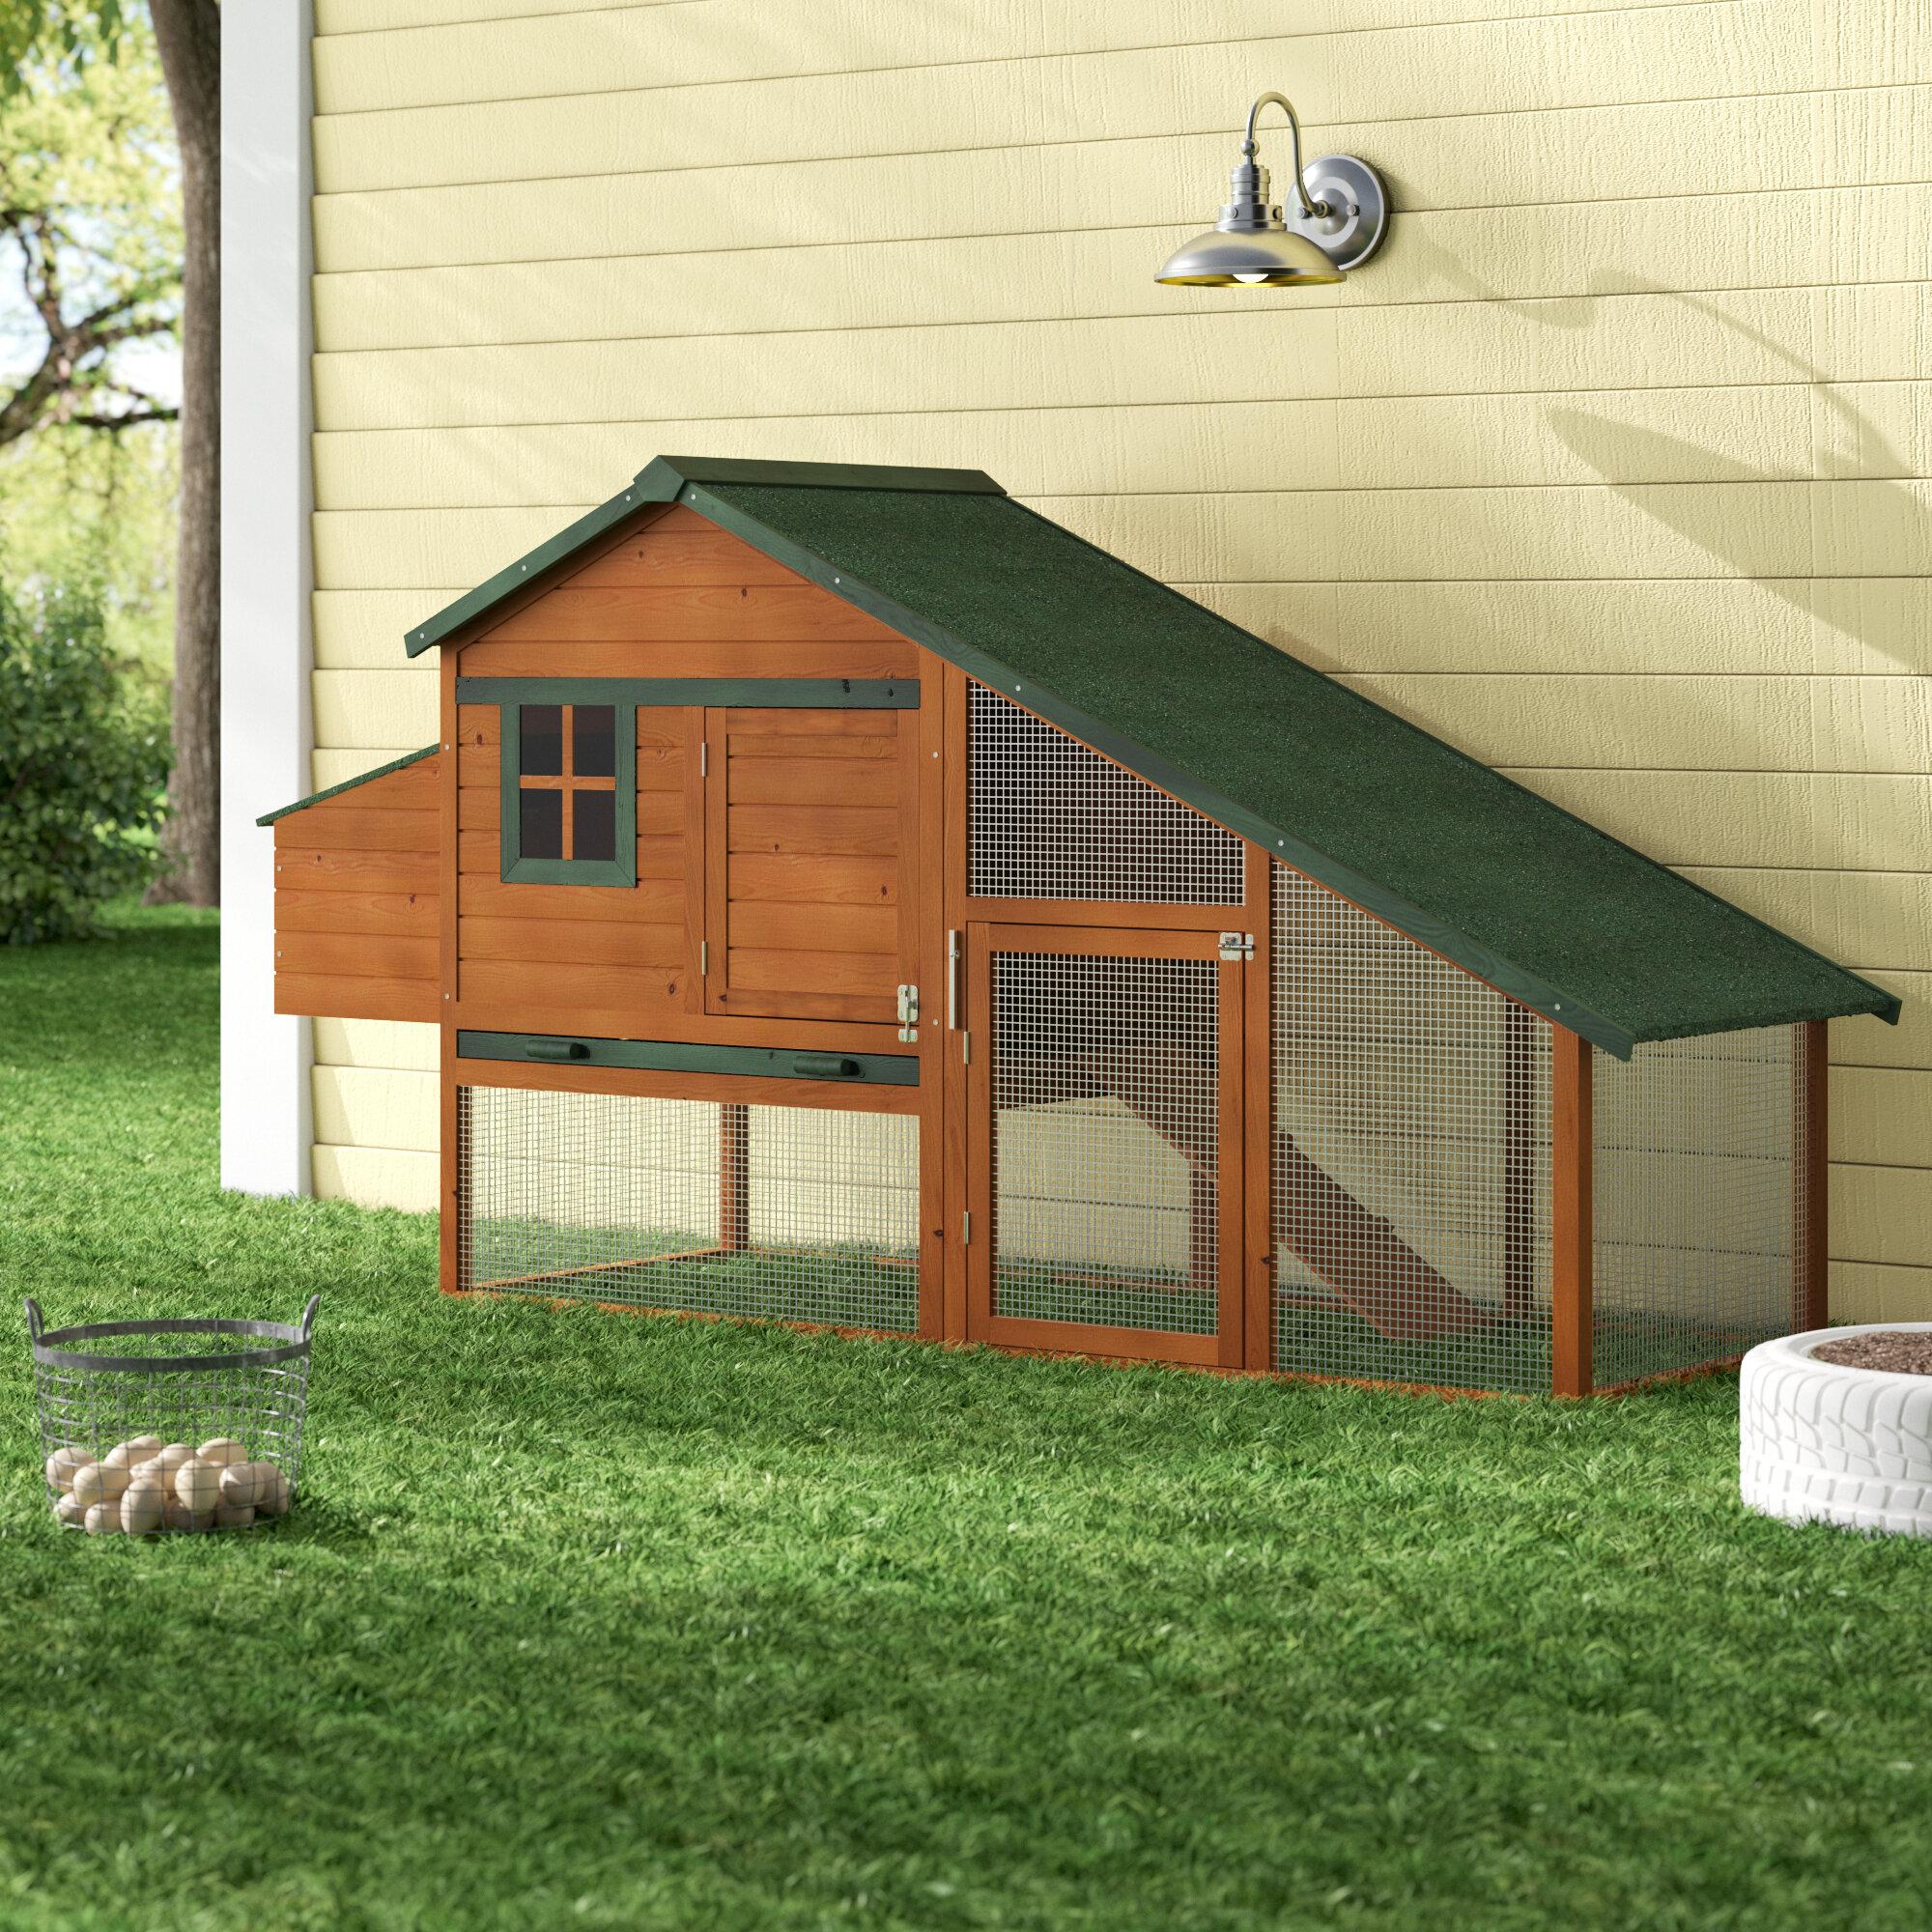 Tucker Murphy Pet Hentz Wooden Backyard Slant Roof Hen House Chicken Coop U0026  Reviews | Wayfair